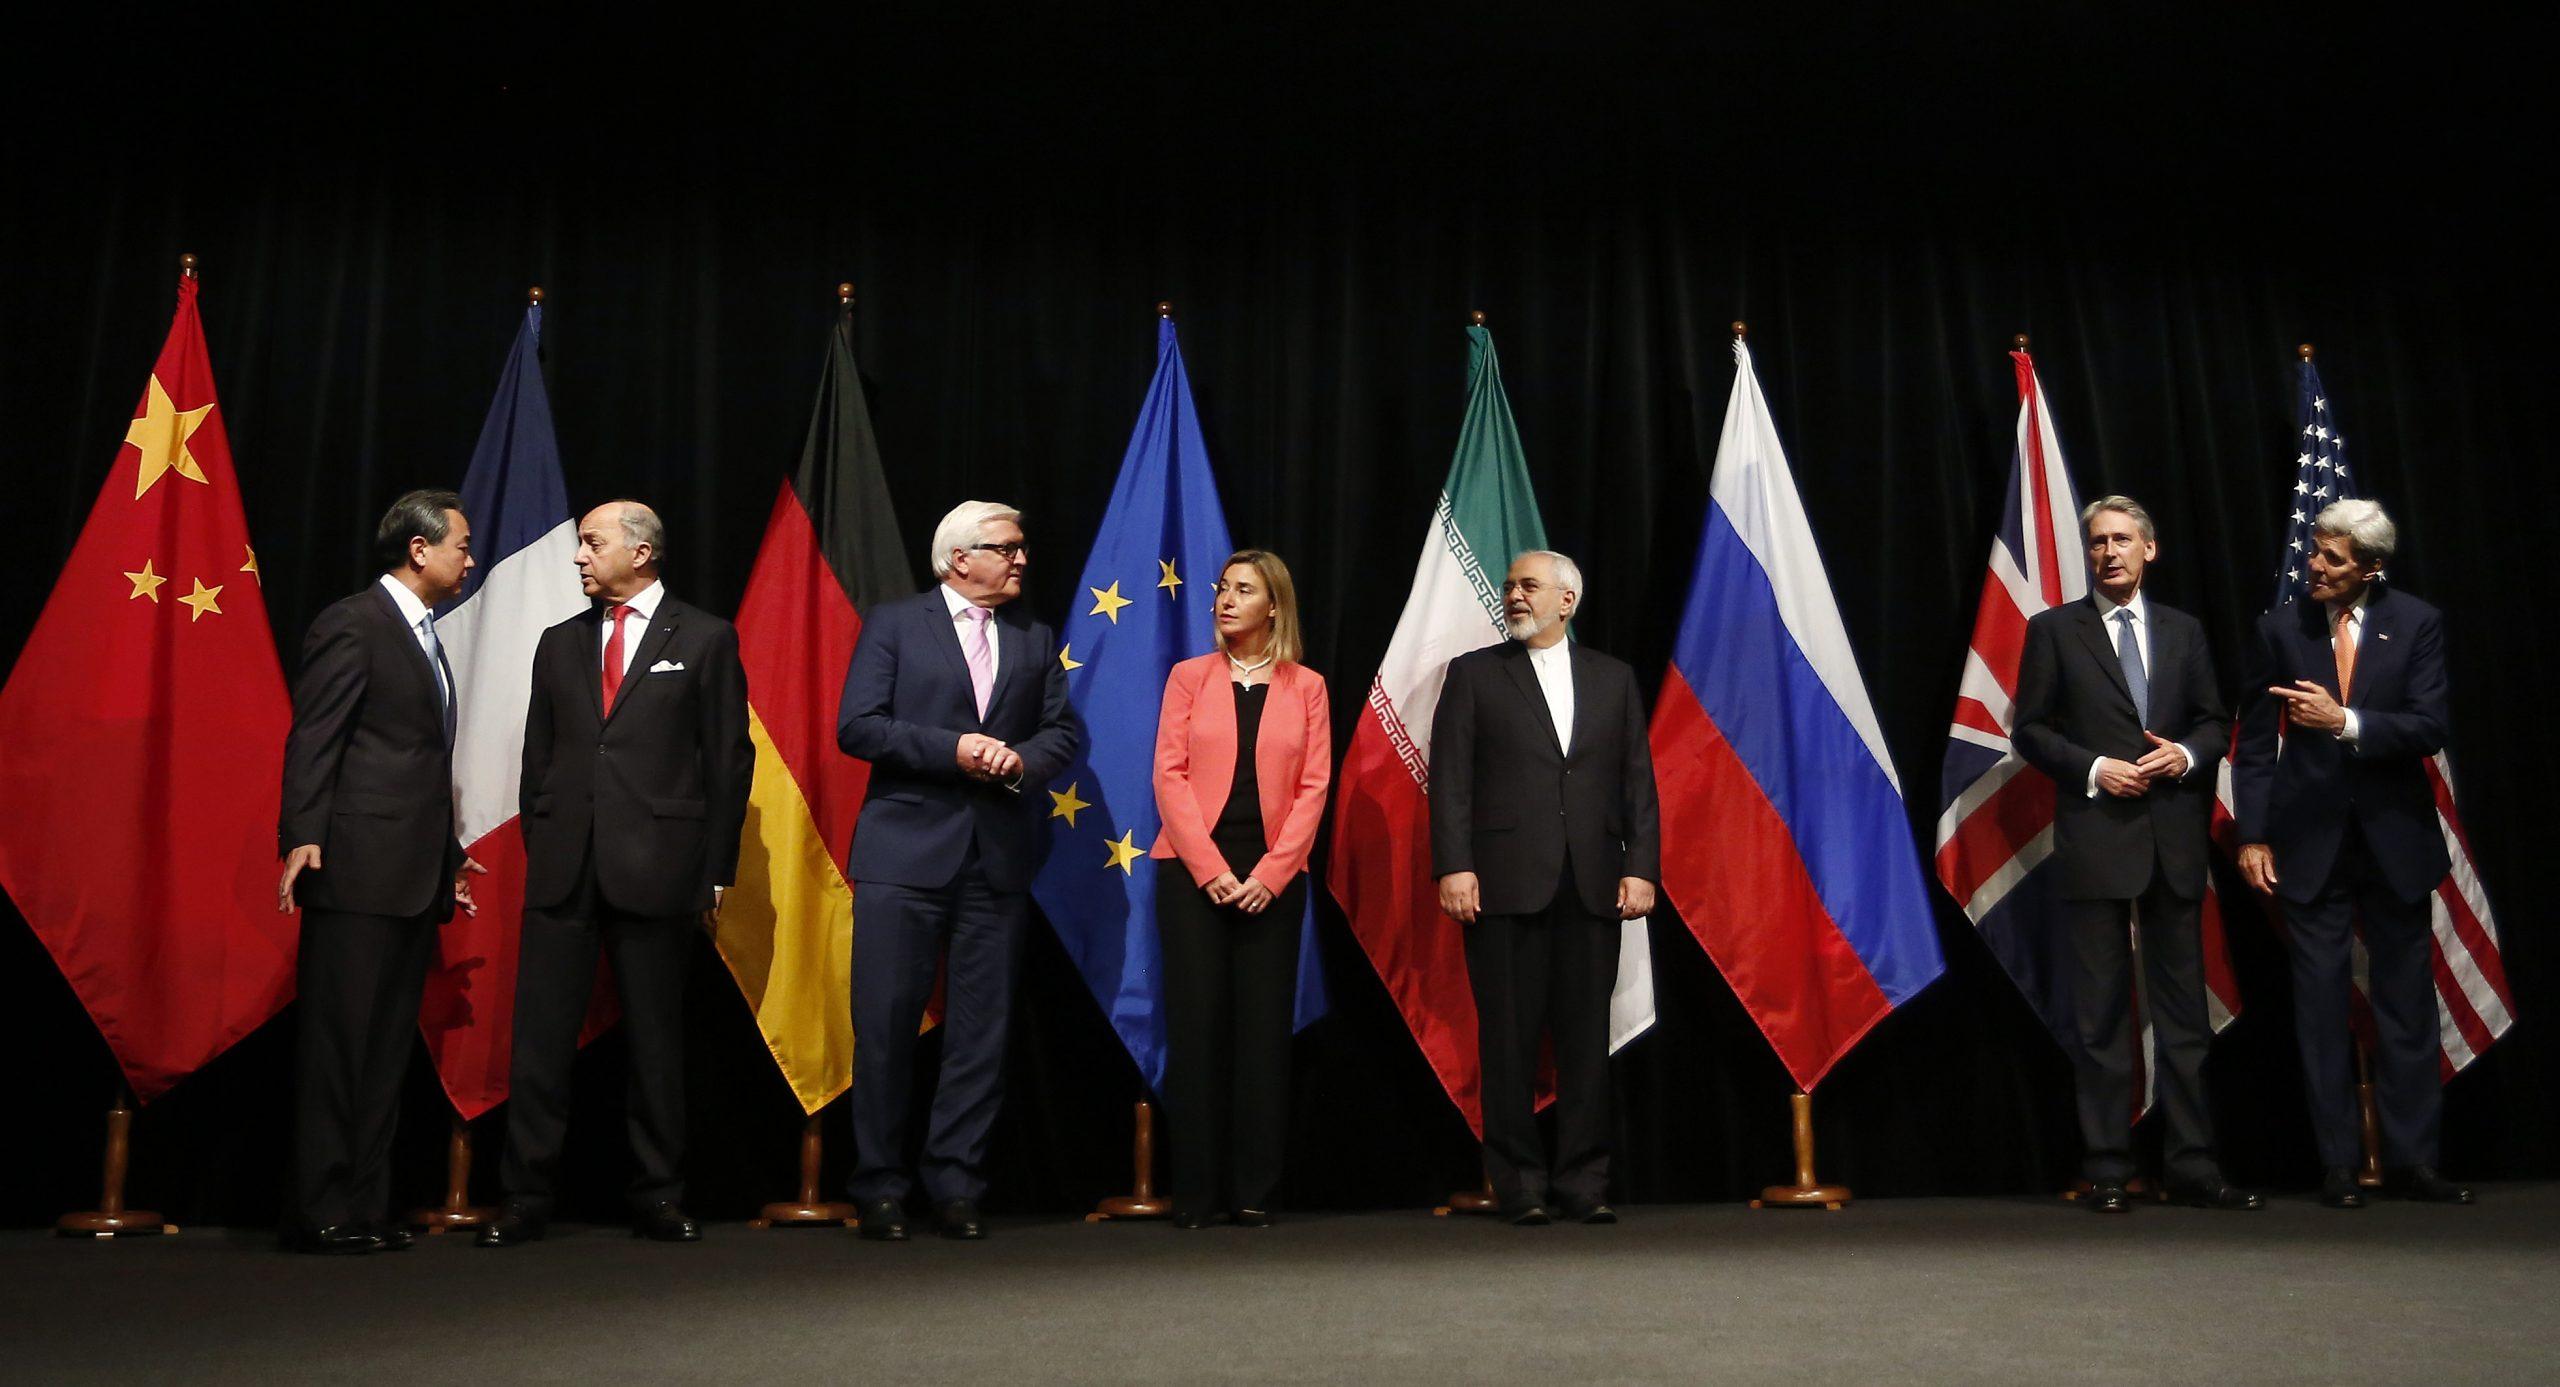 Der US-Iran-Konflikt und die fehlenden Gesichter der Macht